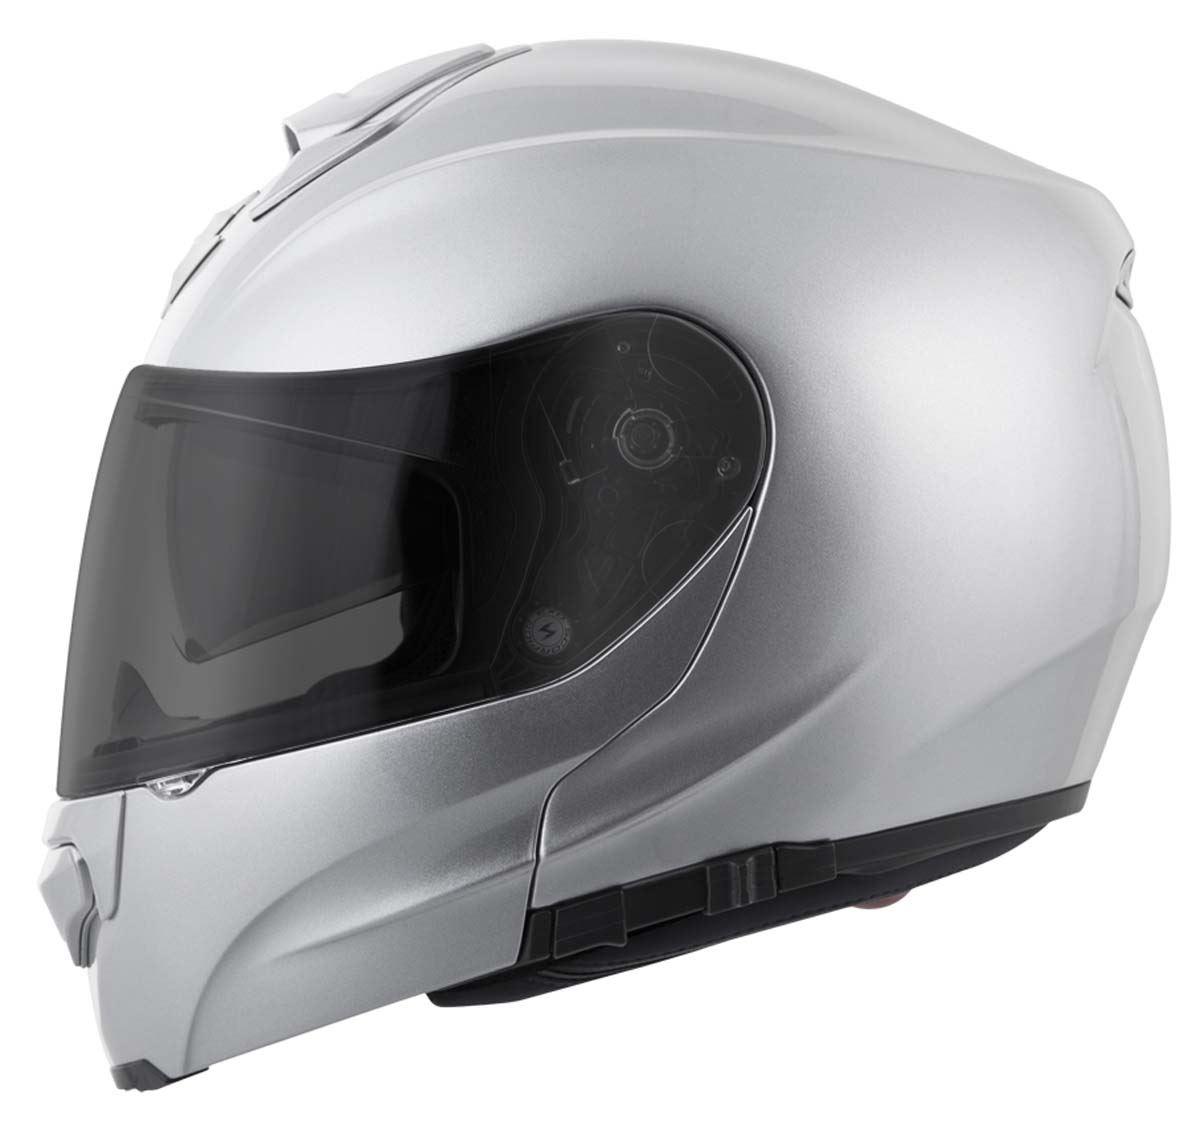 Scorpion-EXO-GT3000-Helmet-Modular-Flip-Up-Premium-DOT-Approved-XS-2XL miniature 14